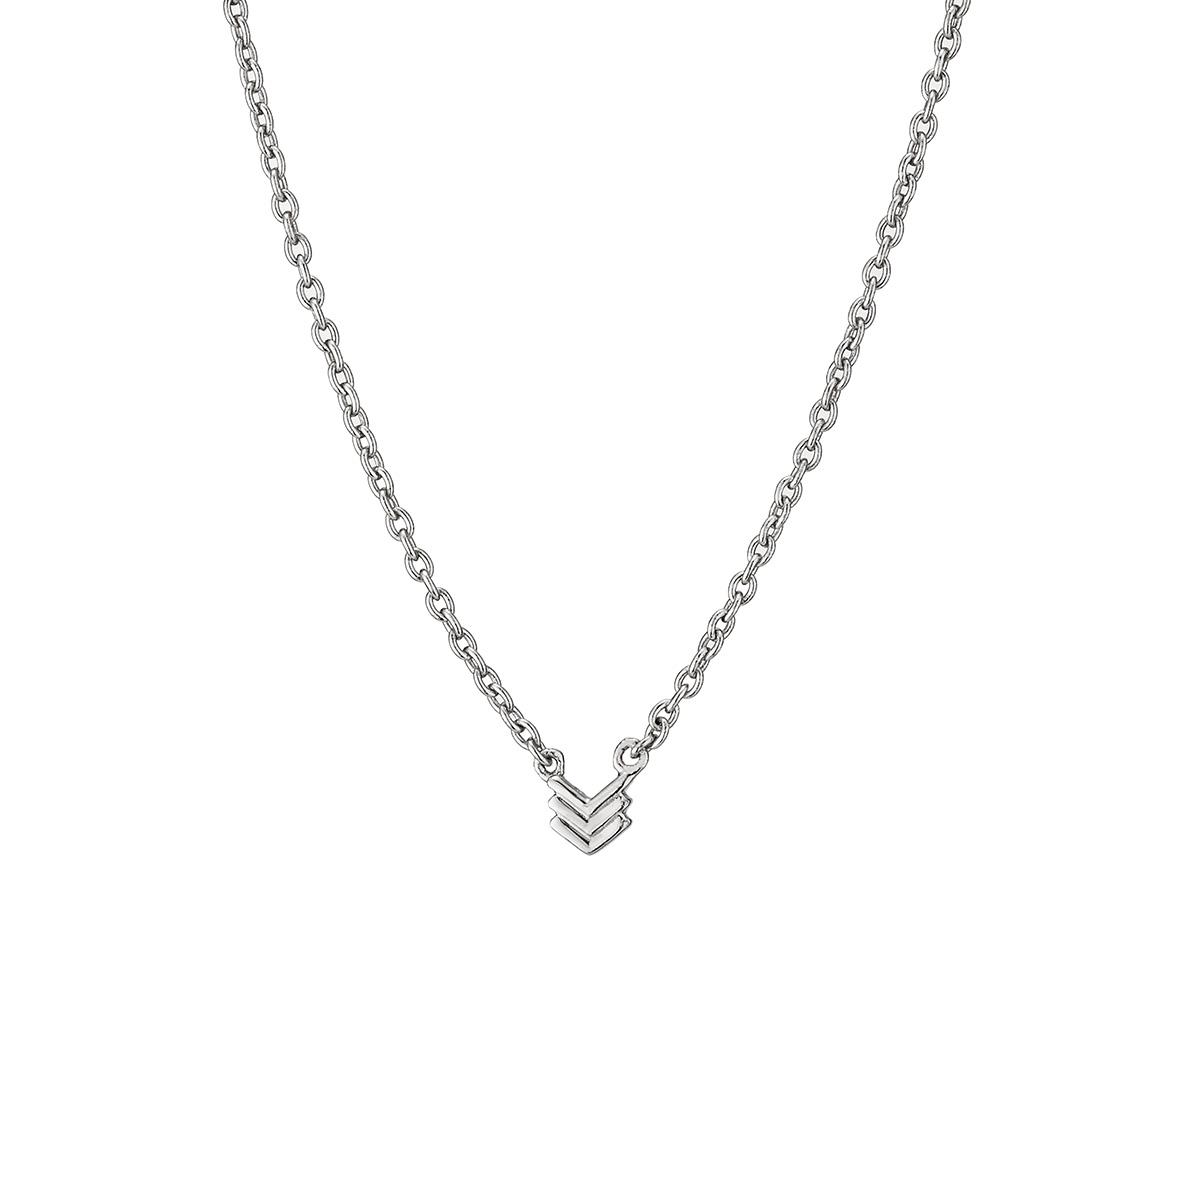 AS83 邱比特氣質簡約項鍊/頸鍊/腳鍊